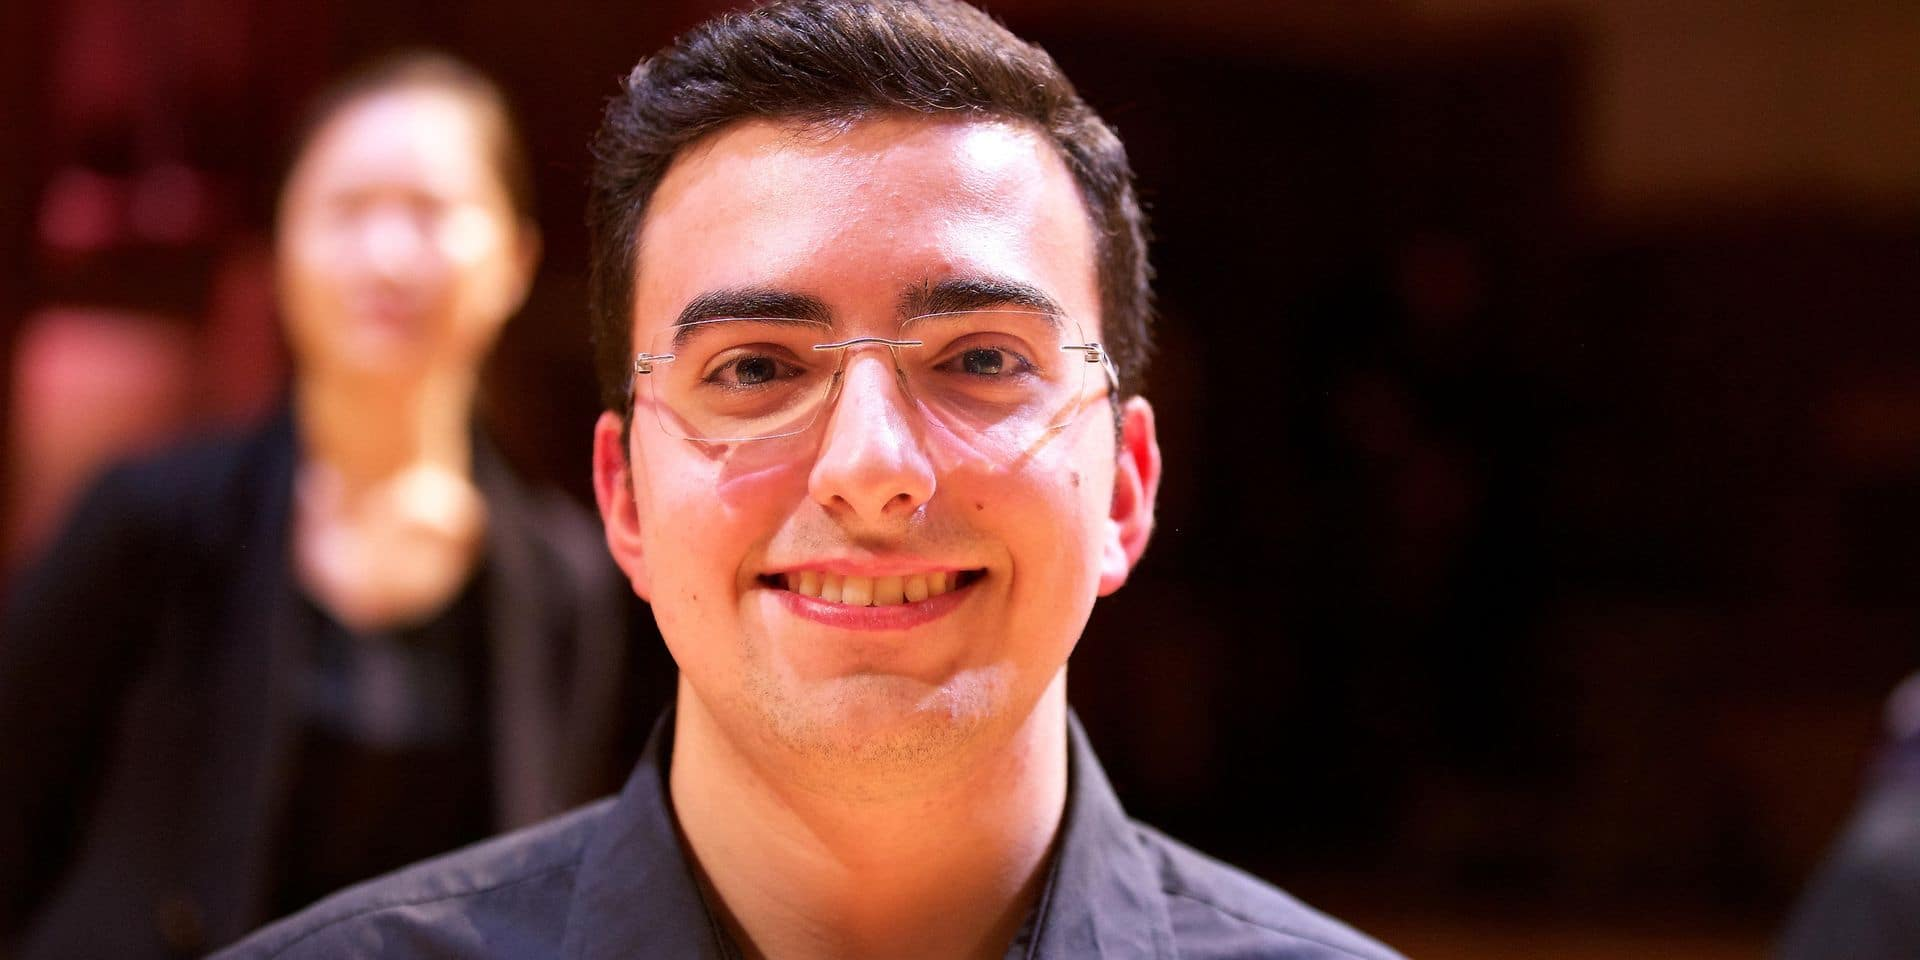 Alberto Ferro ouvre le Brussels Piano Festival avec clarté et profondeur